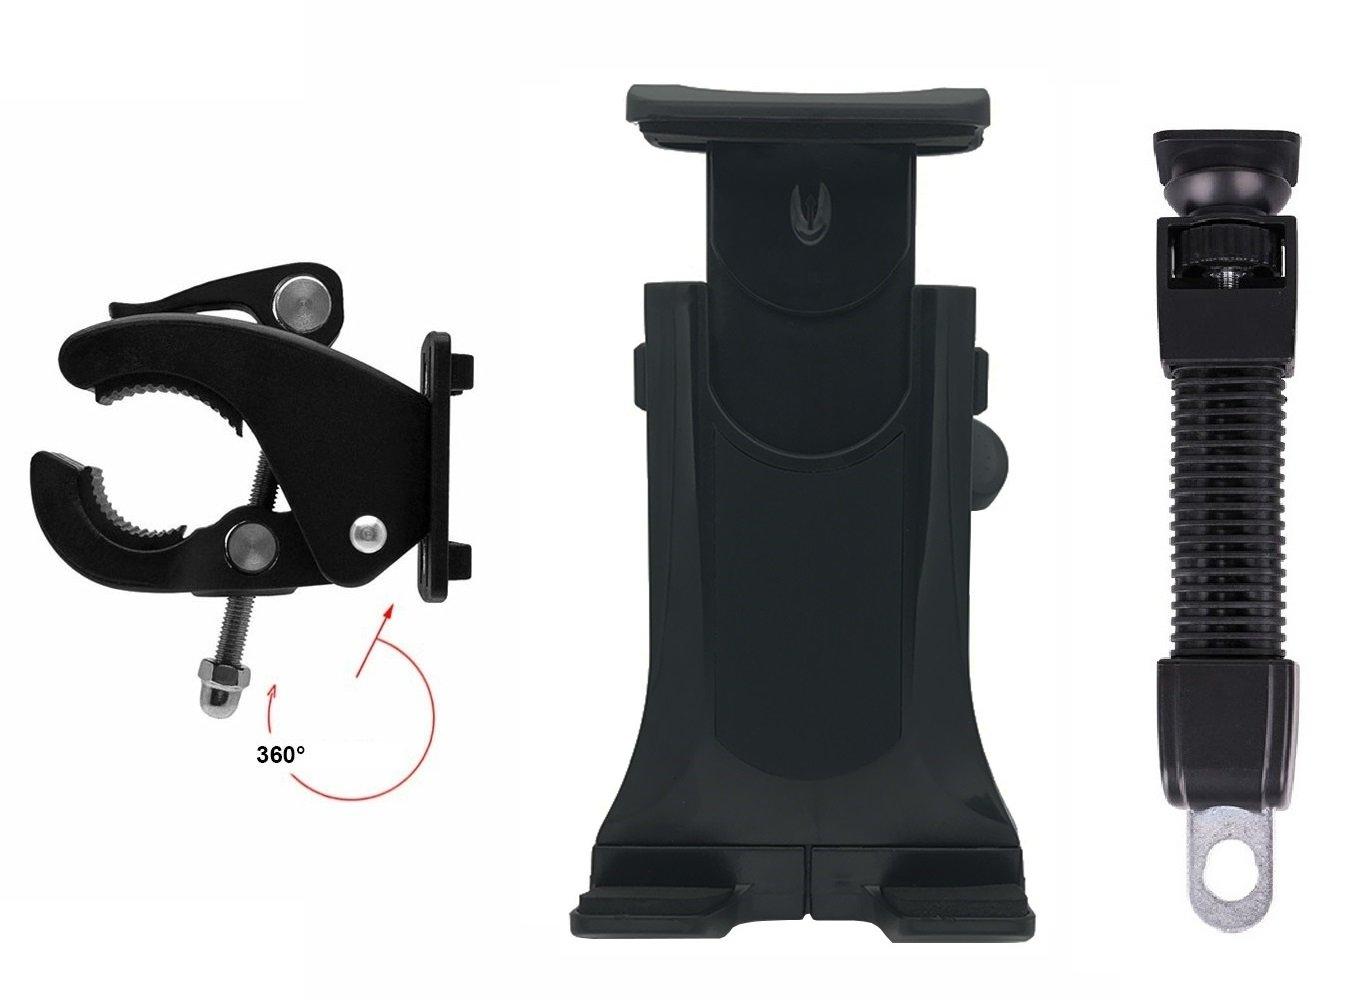 Soporte ipad bicicleta soporte ipad bicicleta estatica soporte ipad bici soporte ipad moto soporte moto ipad sujeción al manillar y espejo válido para todo ...